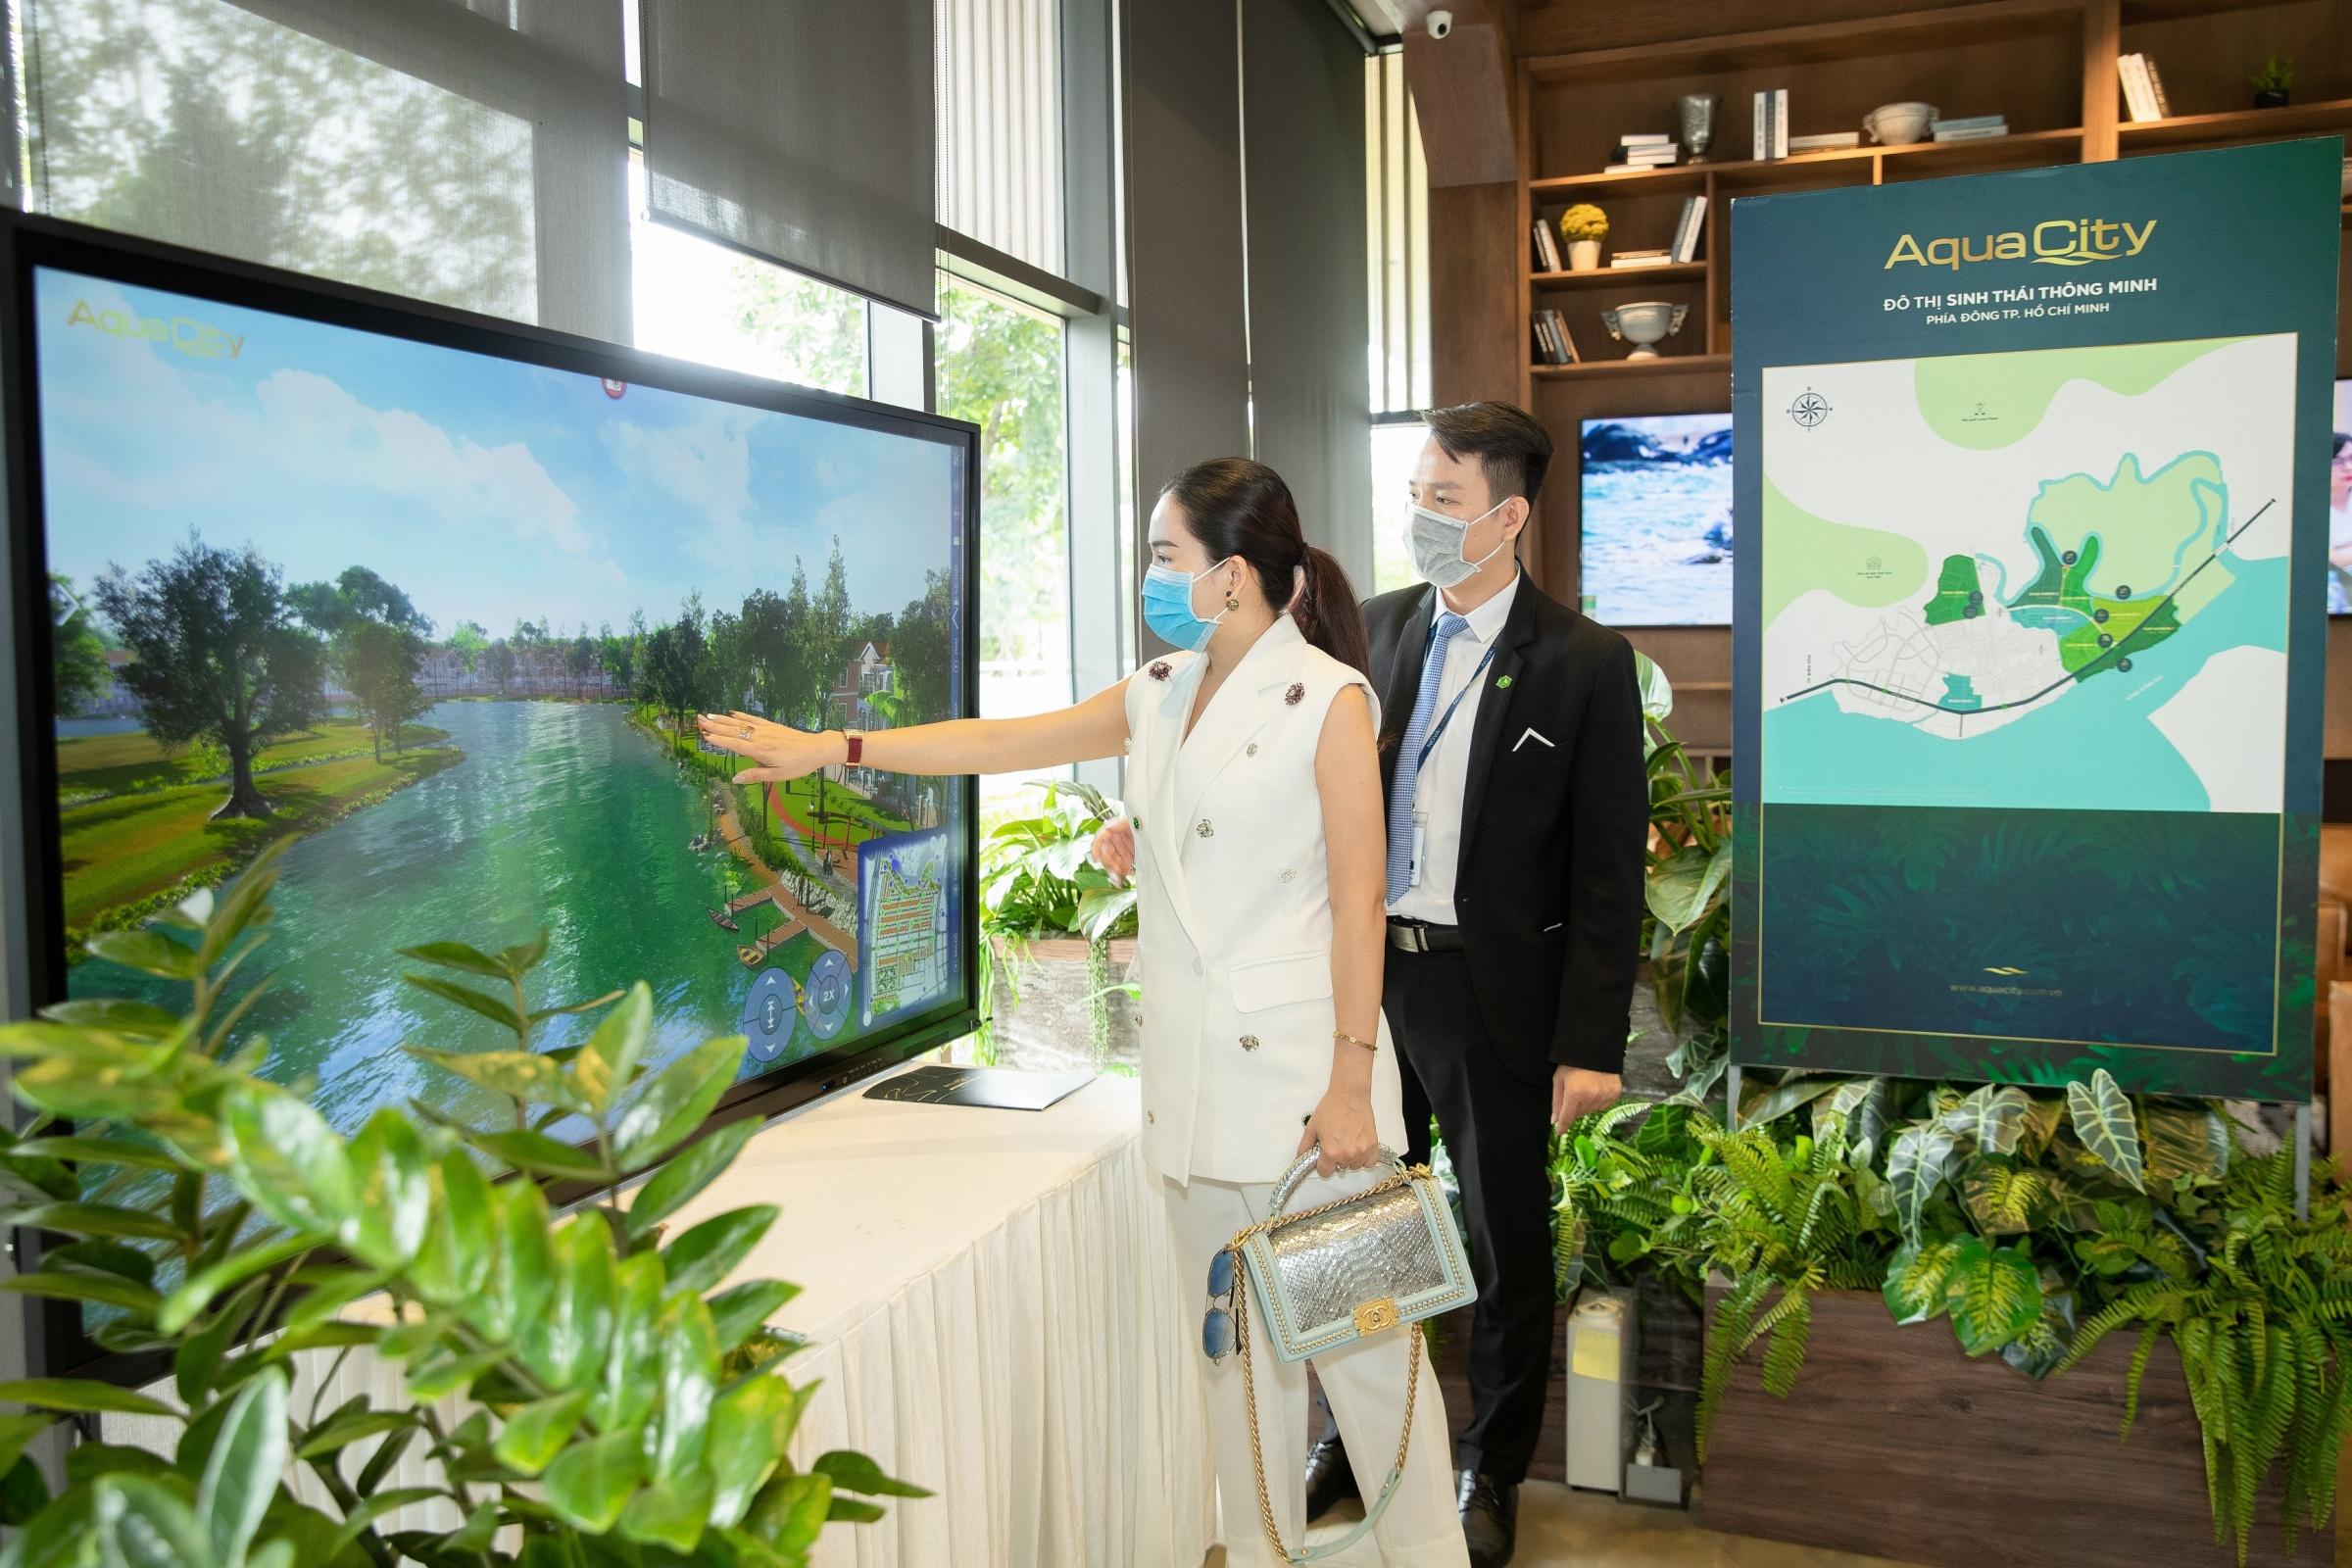 Bà xã của Bình Minh đánh giá cao không gian sống và tiềm năng của Aqua City trong chuyến tham quan giữa năm ngoái. Ảnh: Nhân vật cung cấp